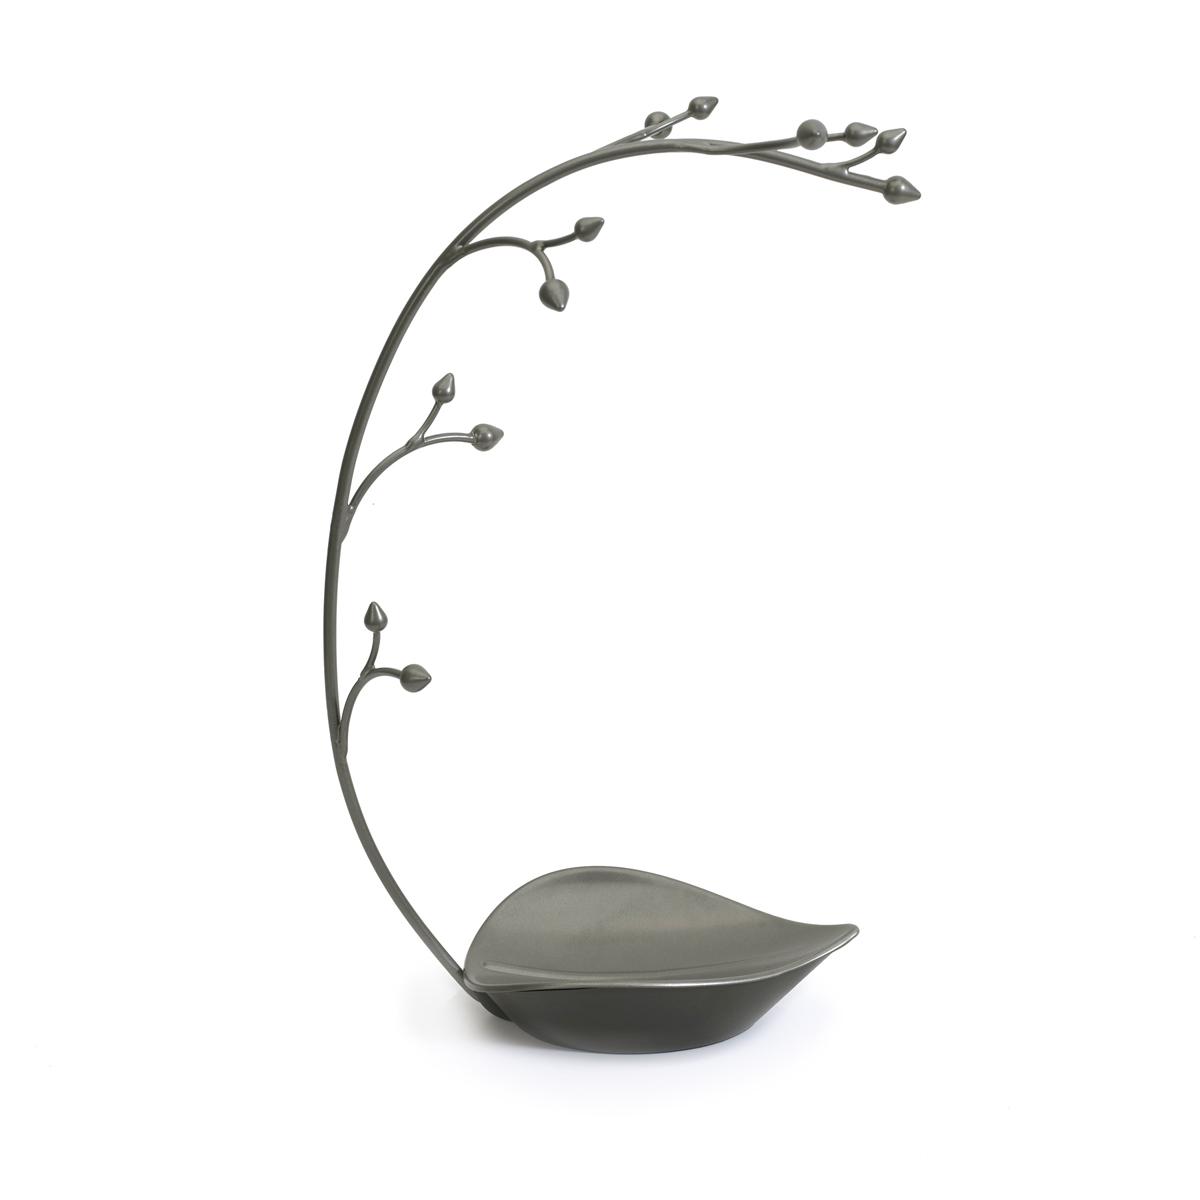 Подставка для украшений Umbra Orchid299340-296Удобная подставка для украшений - лучший способ для аккуратного хранения ваших драгоценностей. На 12 импровизированных выступов-держателей можно повесить кольца, браслеты, цепочки. Брошки, увесистые ожерелья, кулоны можно сложить в поддон у основания подставки. Цвет подставки создает впечатление бронзового напыления.